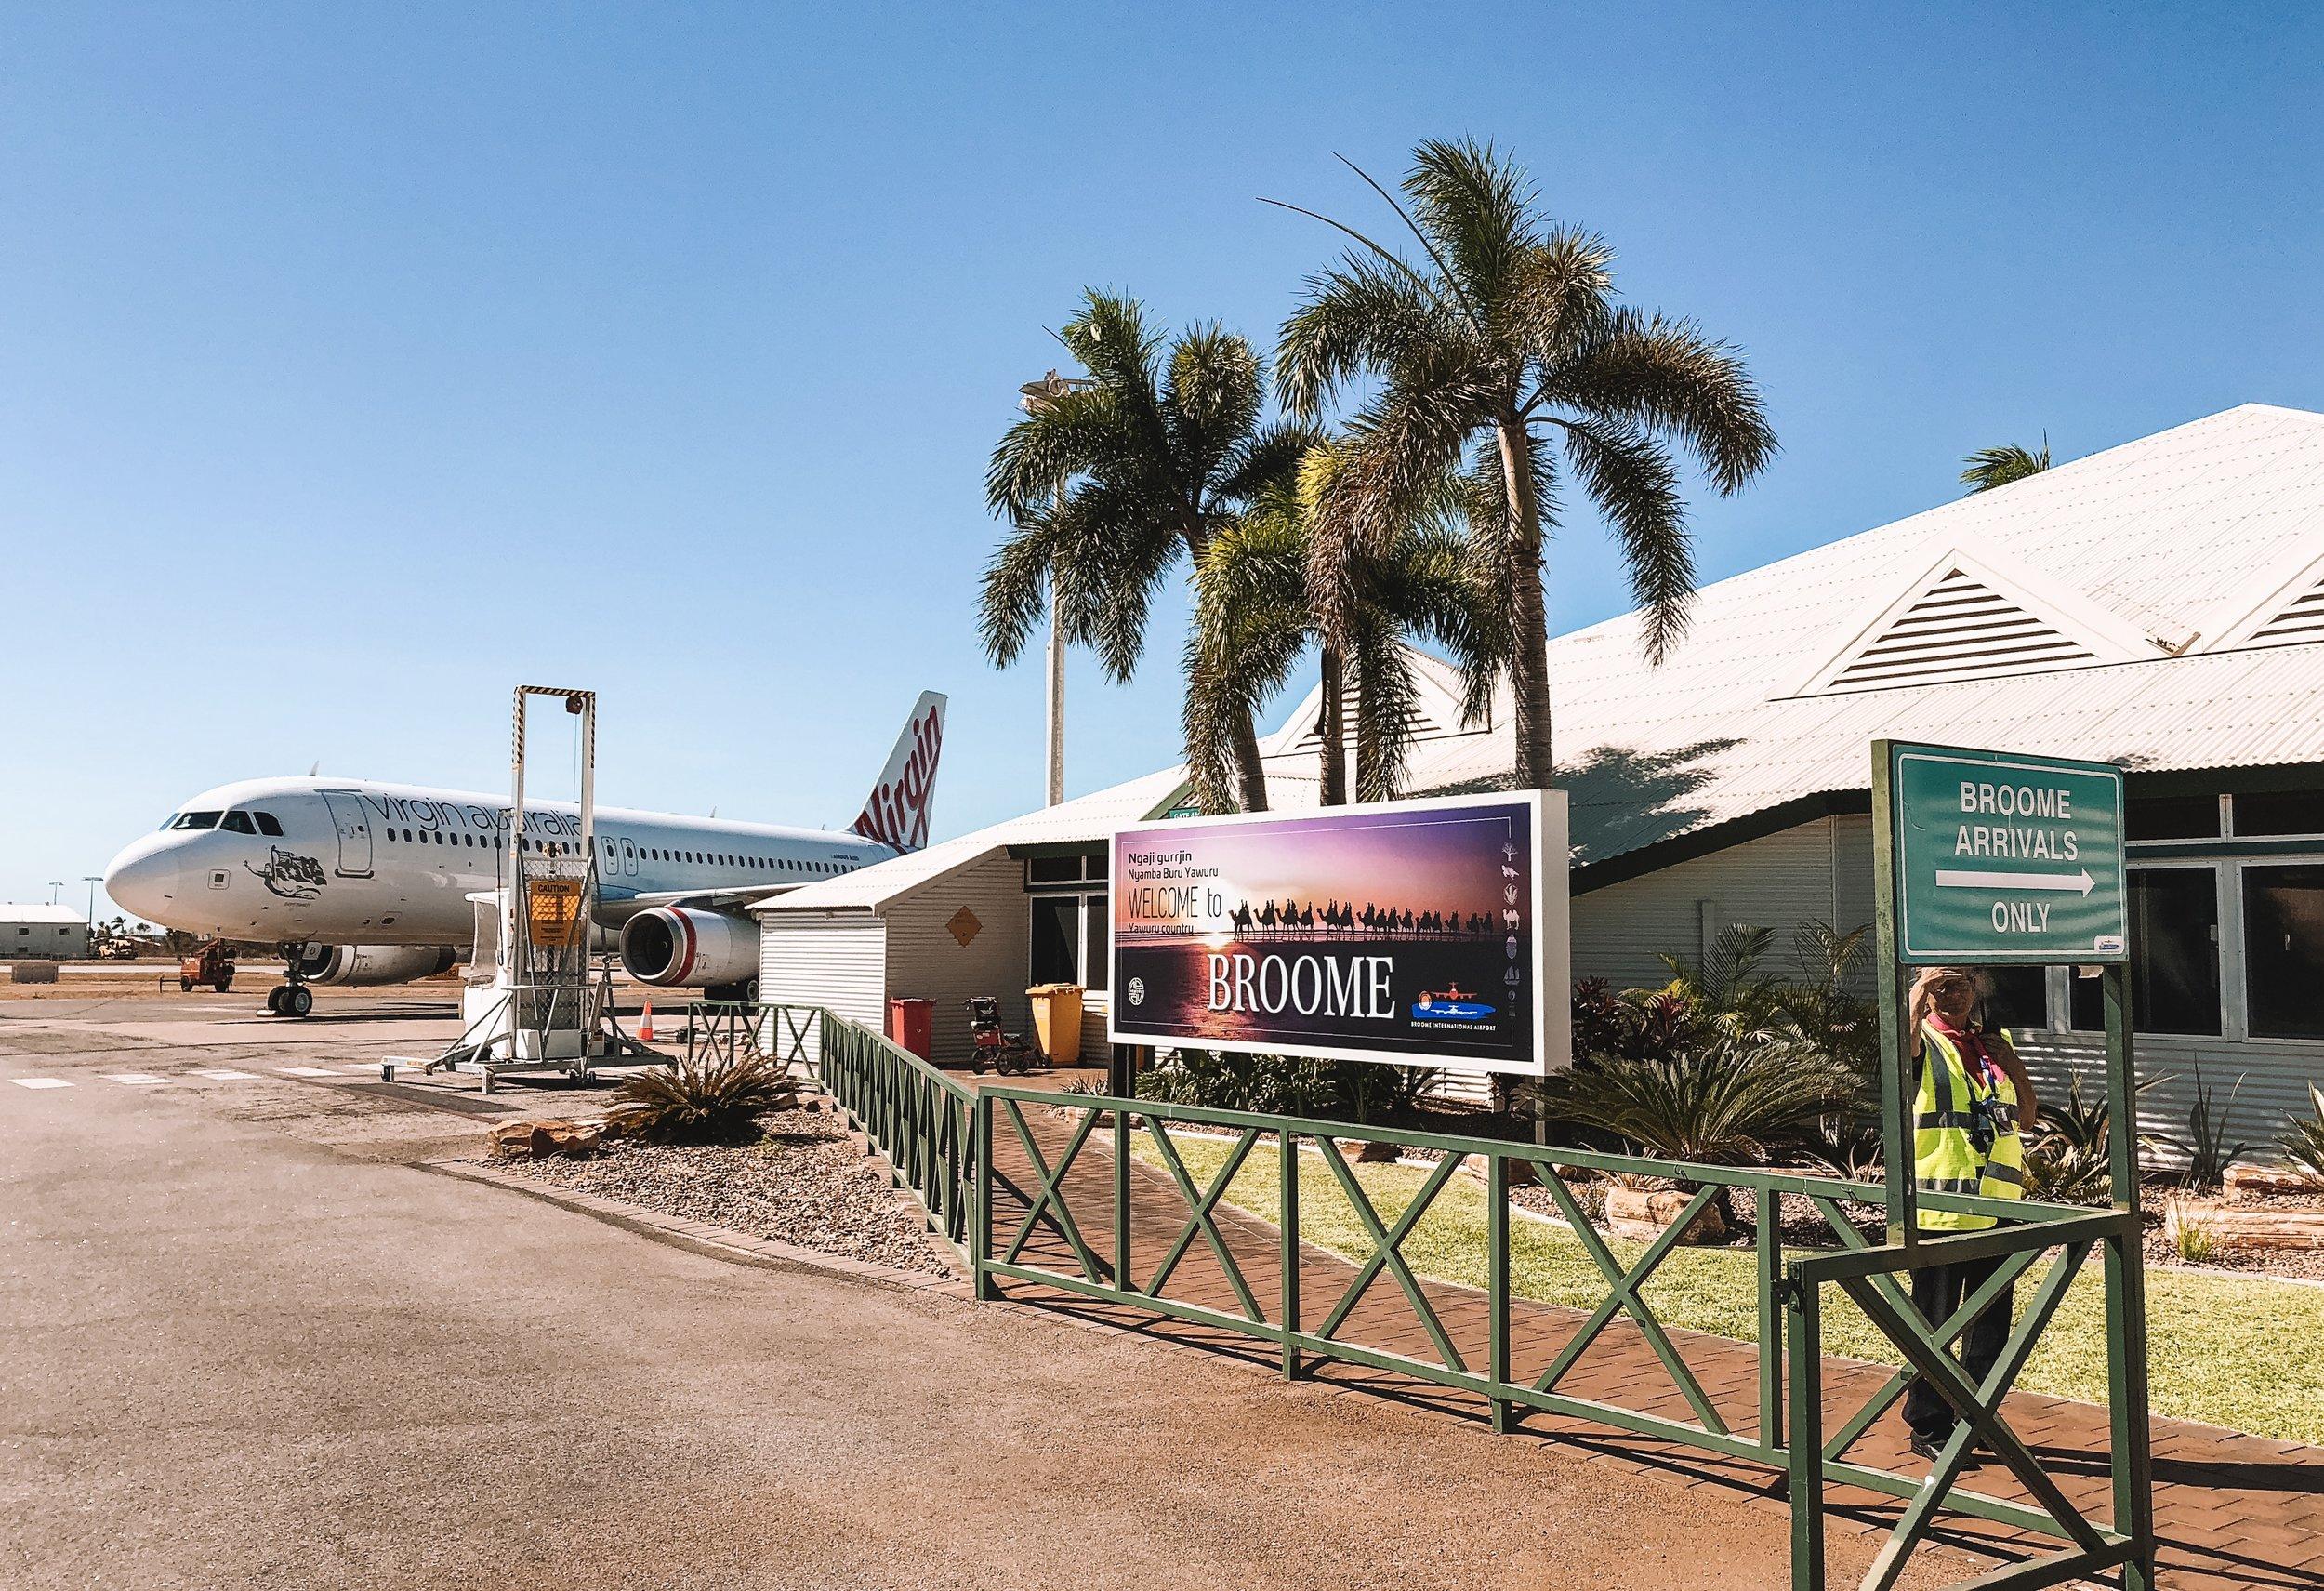 BroomeAirport_1.JPG